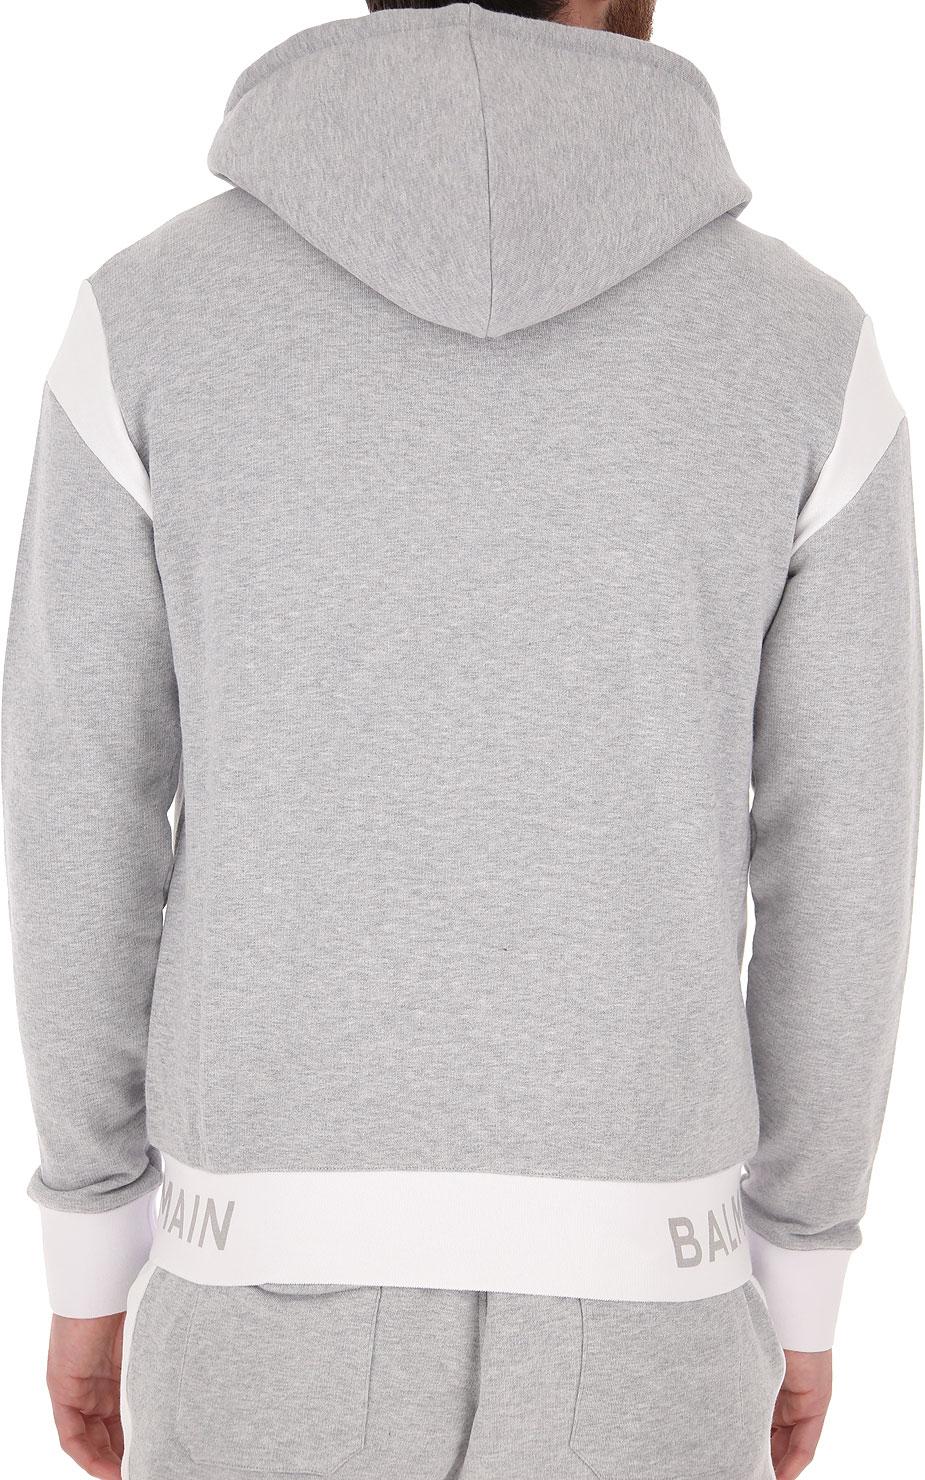 Erkek Giyim Balmain, Ürün Modeli: th03778-l268-9ub